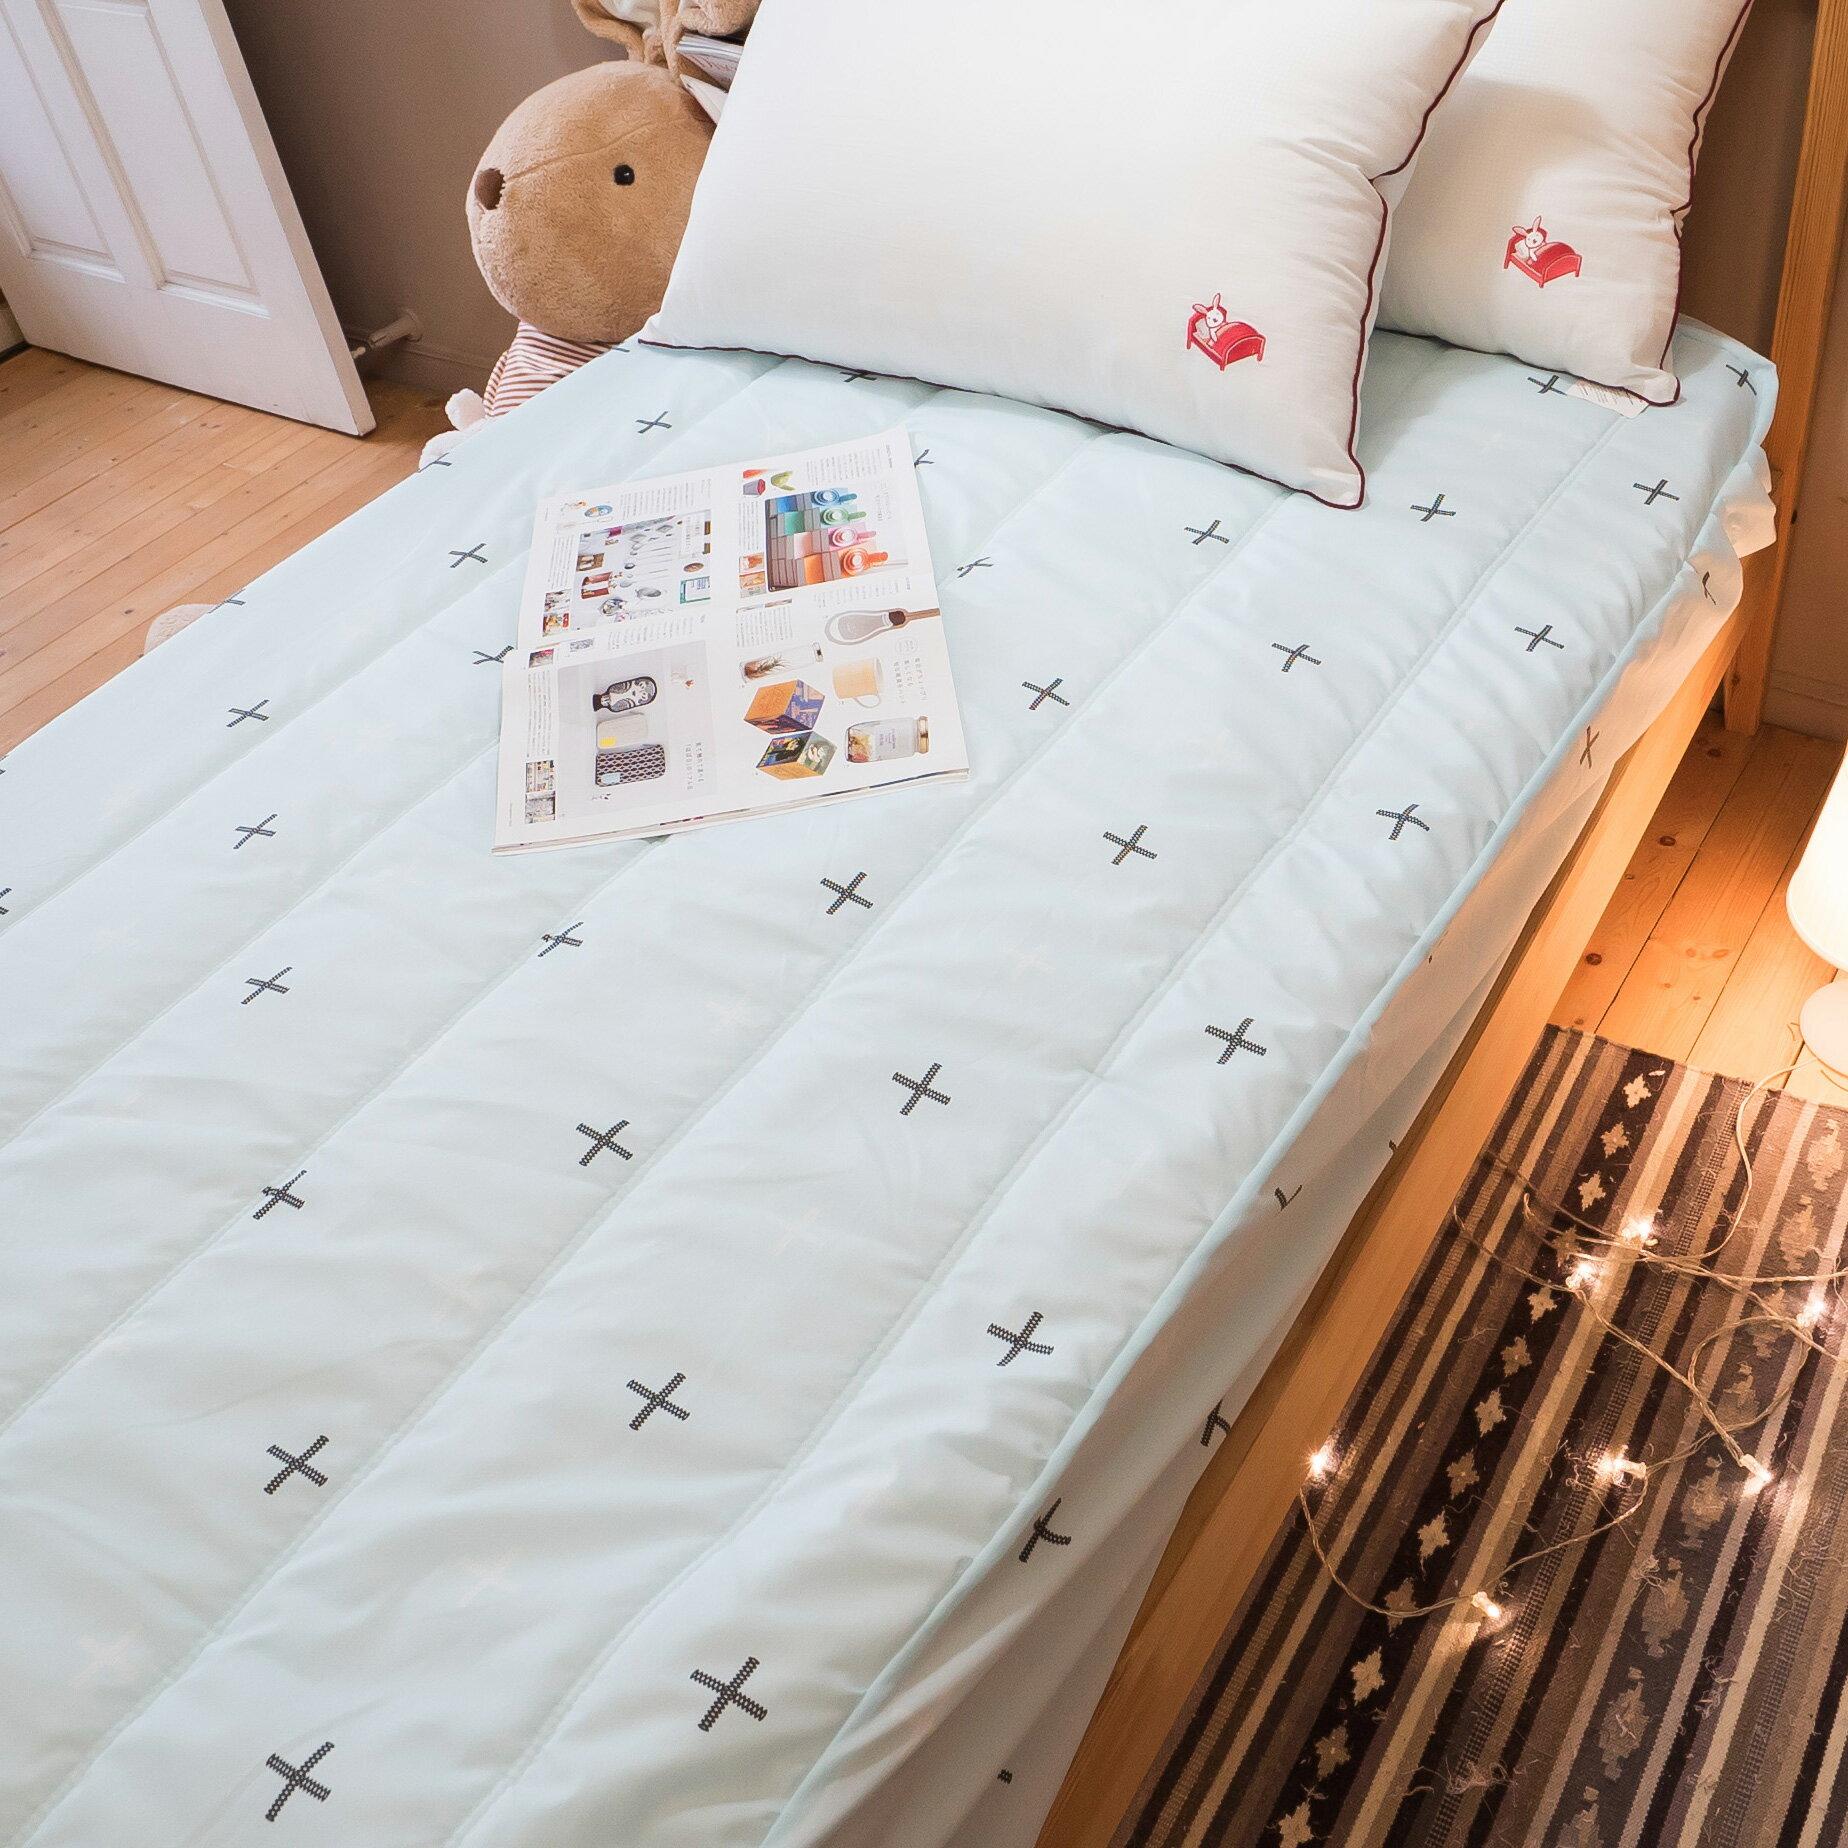 【綠十字】床包式保潔墊(尺寸可選)抗菌防污 台灣製 厚實鋪棉 可水洗 好窩生活節 4